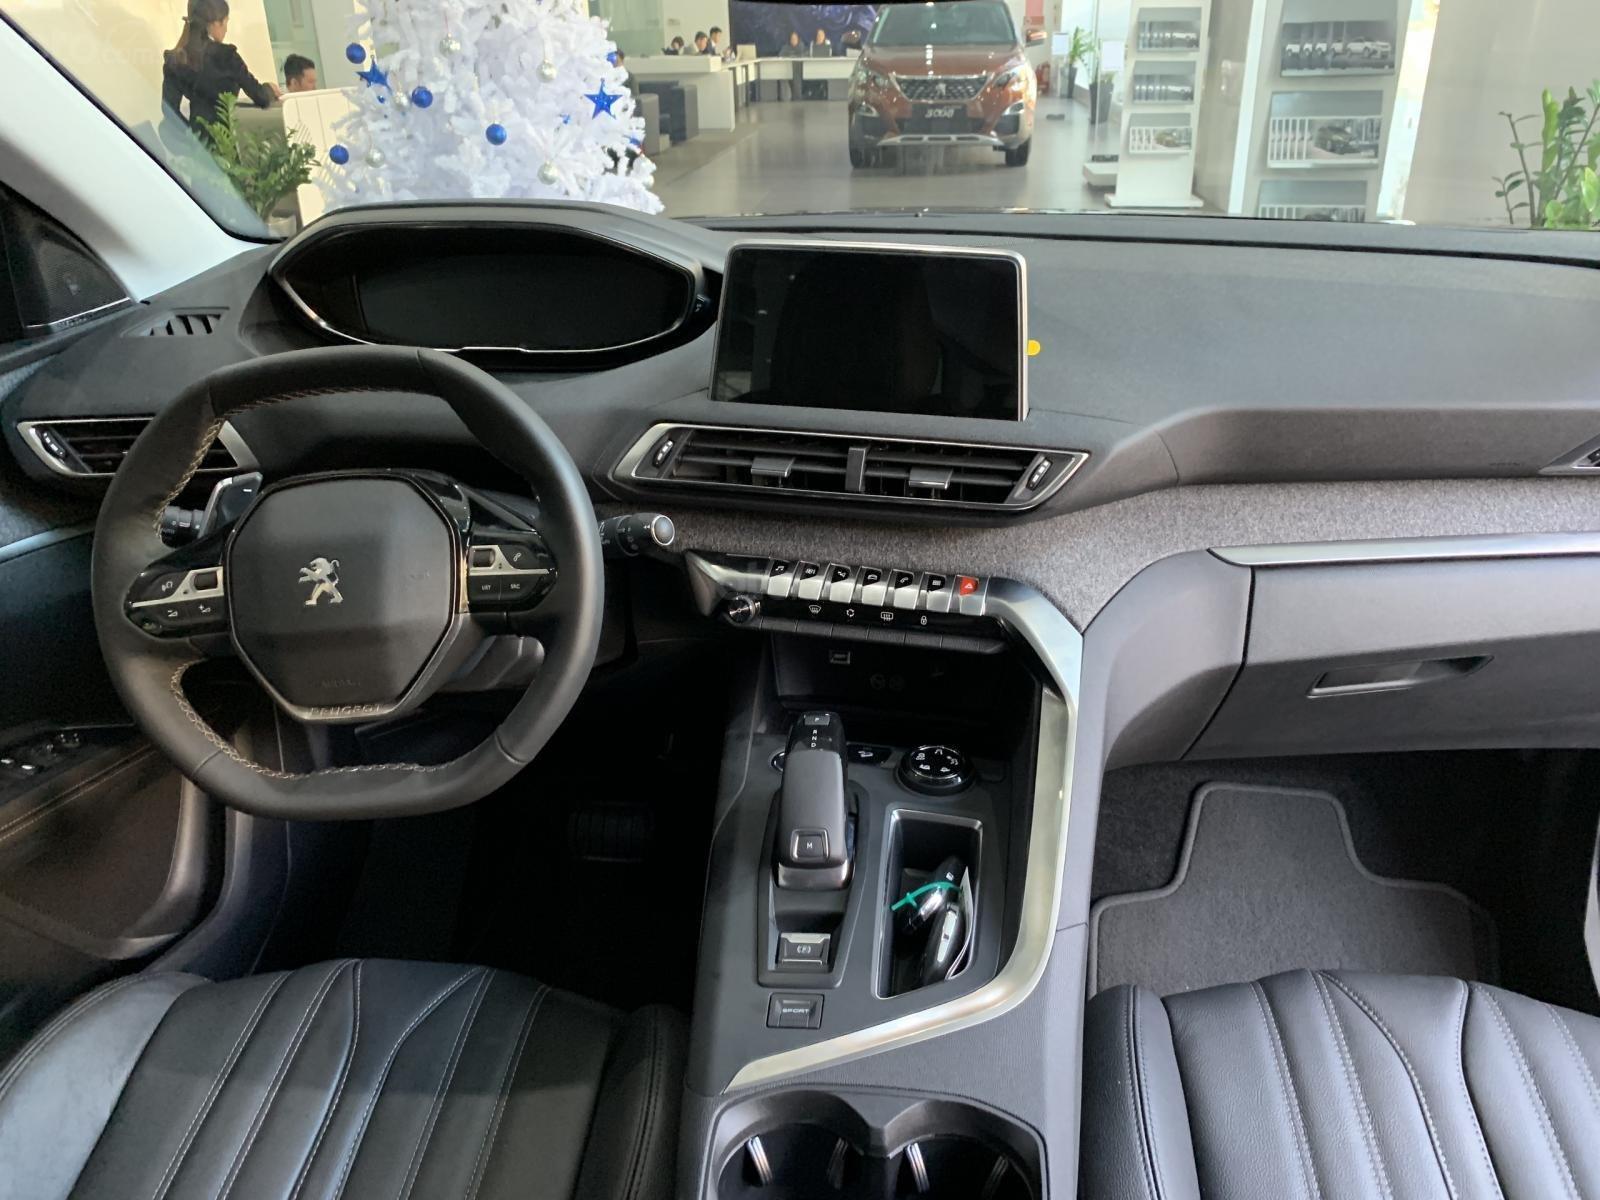 Peugeot Long Biên - Peugeot 5008 2019 siêu HOT - trả trước 350 triệu - xe giao ngay - khuyến mãi khủng, giá sốc-2